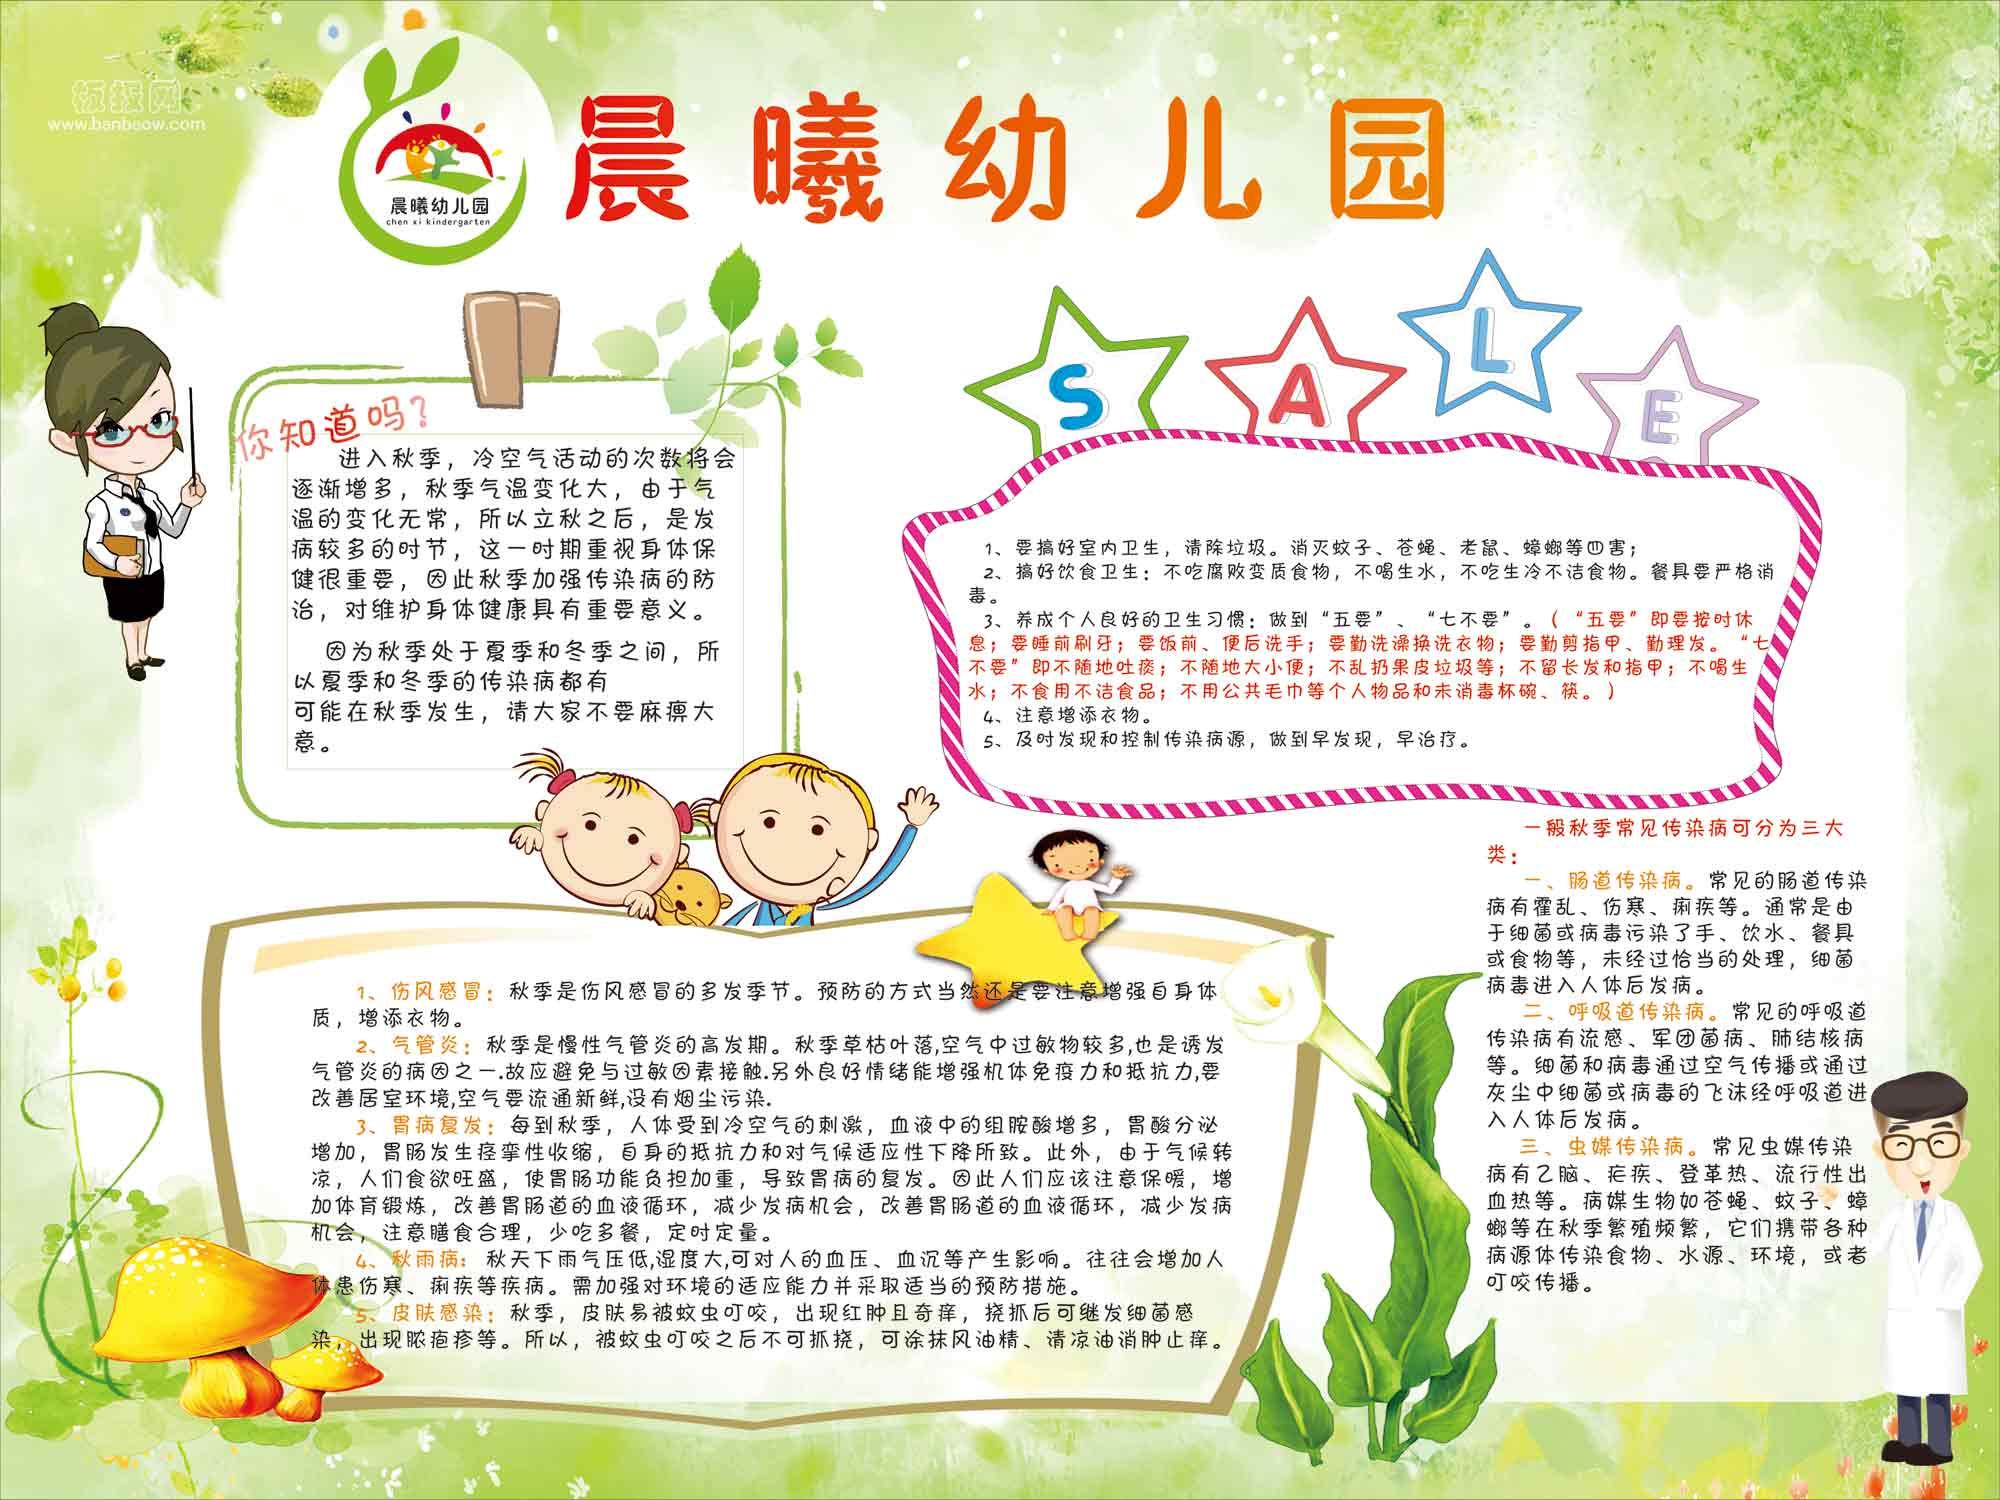 幼儿园疾病及预防健康宣传栏电子展板